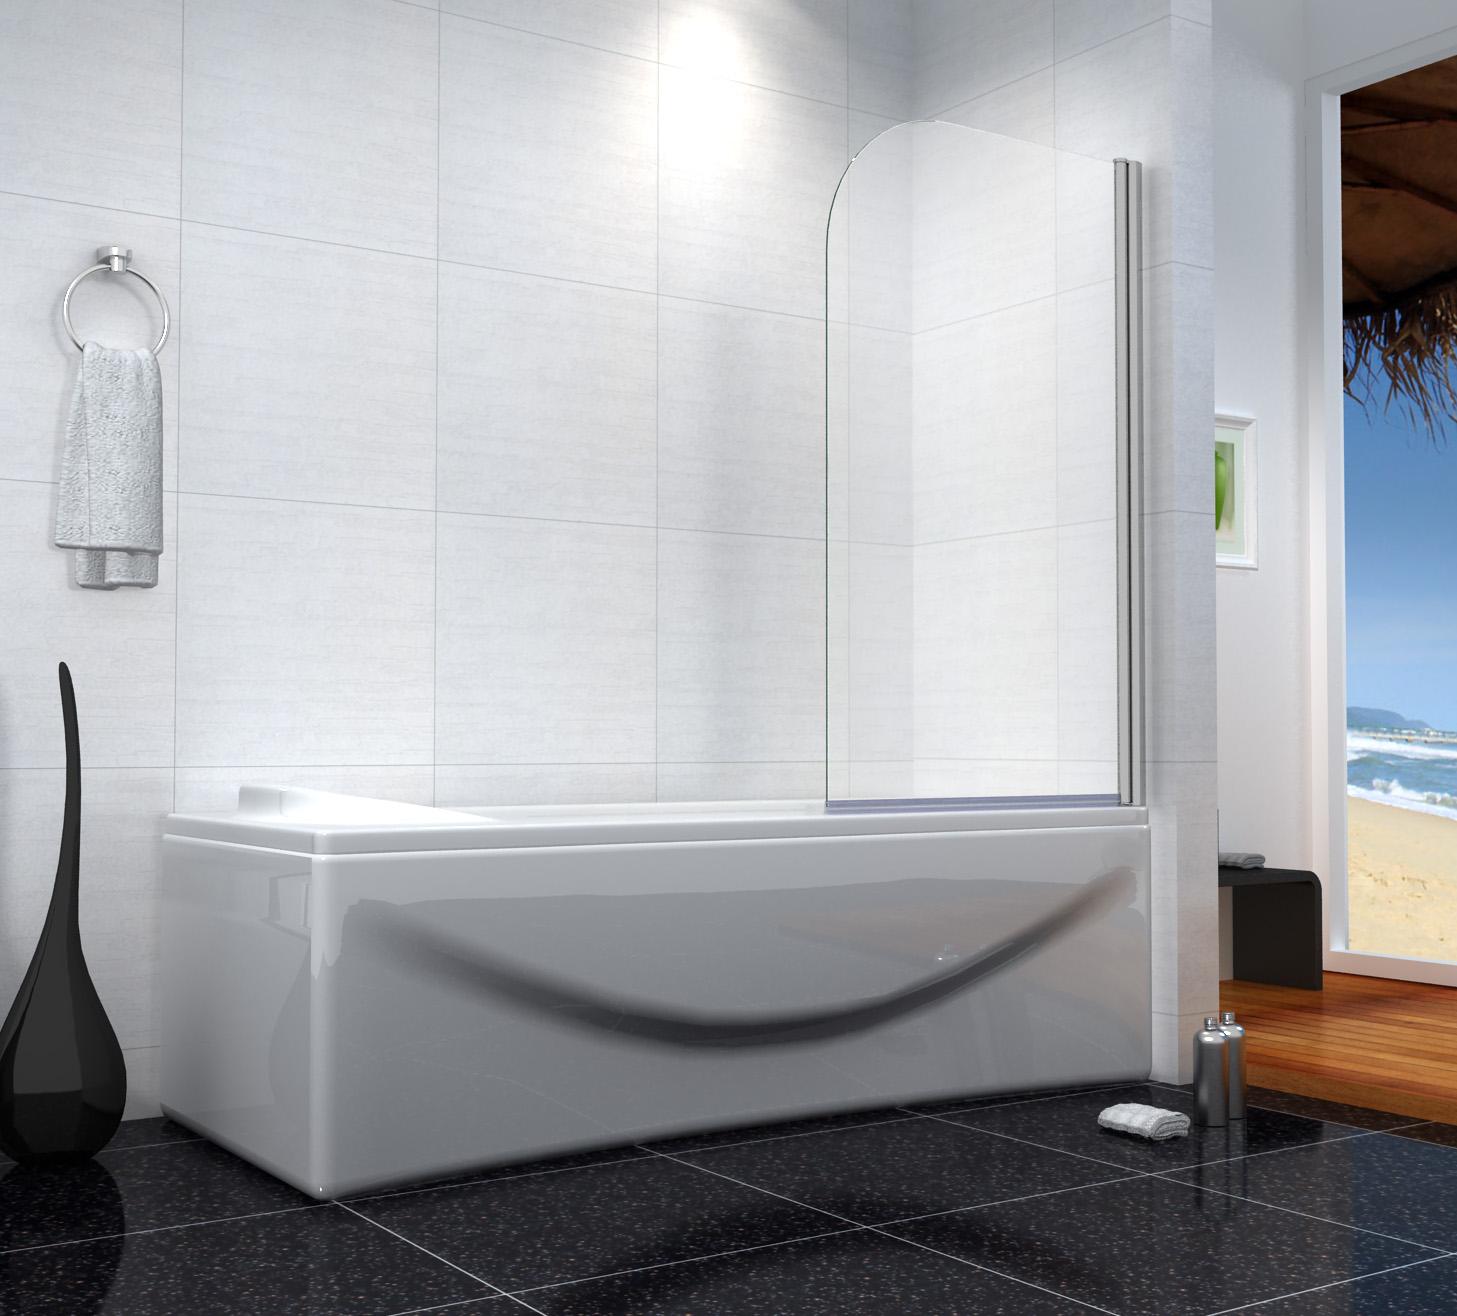 badewanne duschwand dusche drehen 180 trennwand duschabtrennung 80x140cm b1h ebay. Black Bedroom Furniture Sets. Home Design Ideas